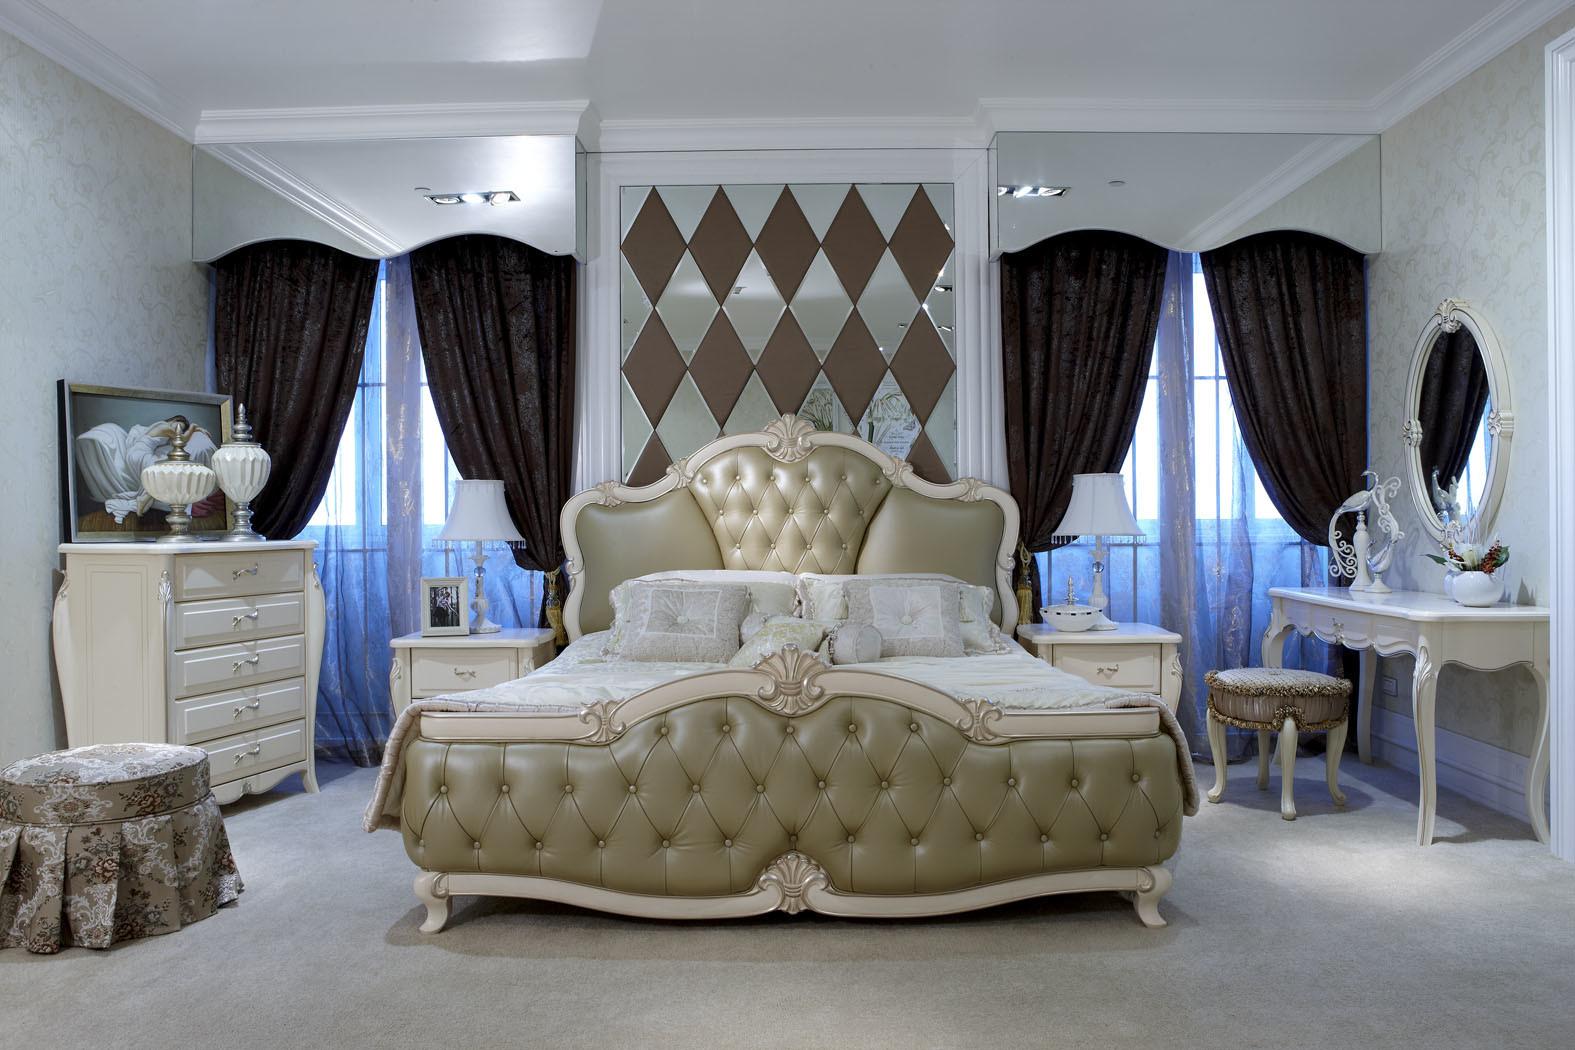 Chambre Coucher De Luxe Furniture Pour Villa Et Suite Chambre Coucher De Luxe Furniture